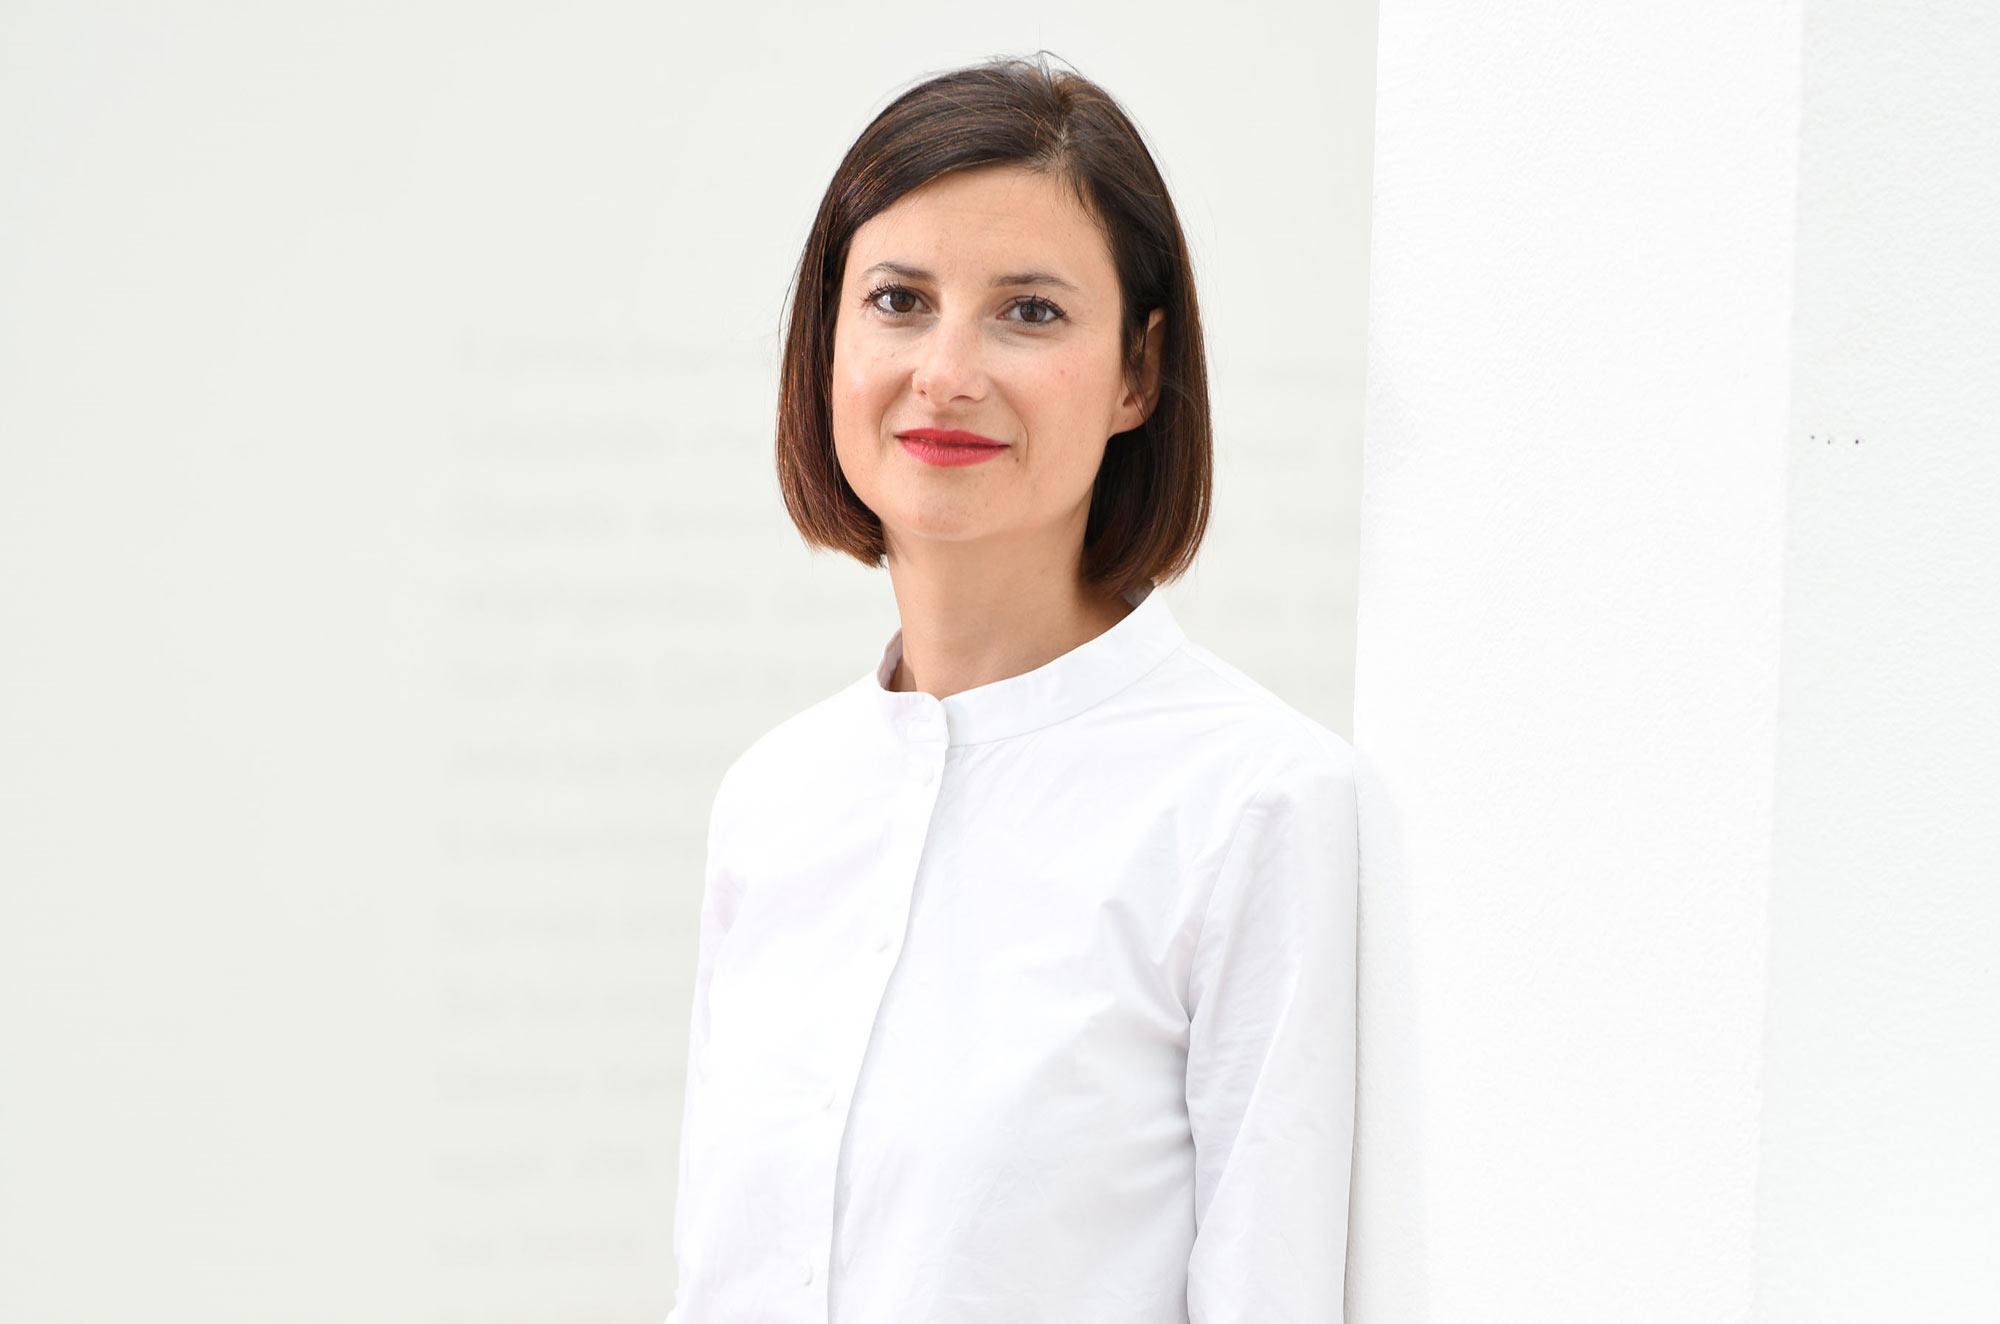 La Kunsthaus di Merano ha una nuova, giovane direttrice: è Martina Oberprantacher